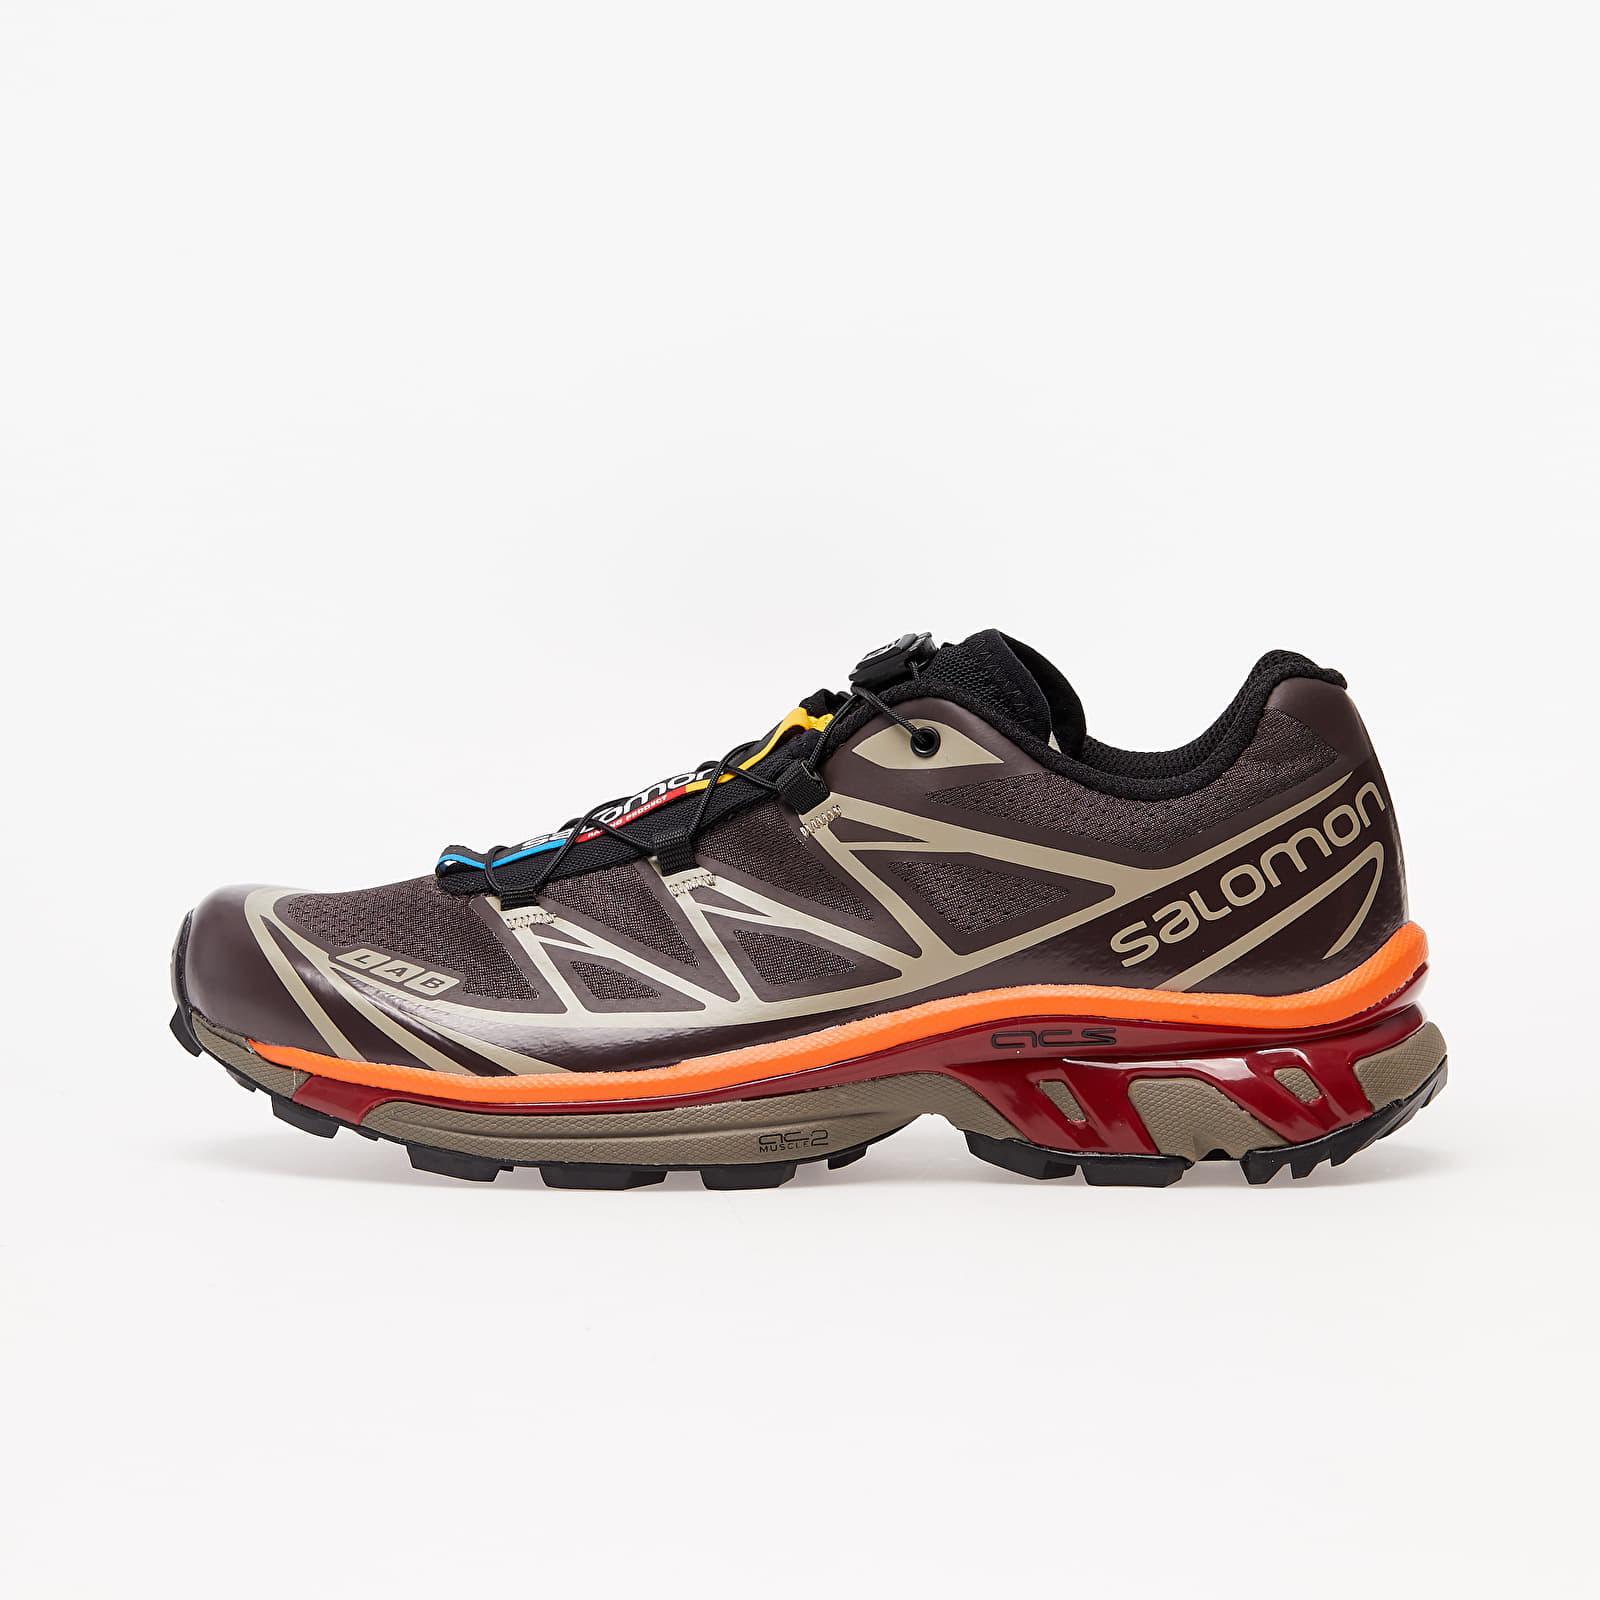 Încălțăminte și sneakerși pentru bărbați Salomon XT-6 Advanced Shade/ Chocolate Plum/ Red Orange